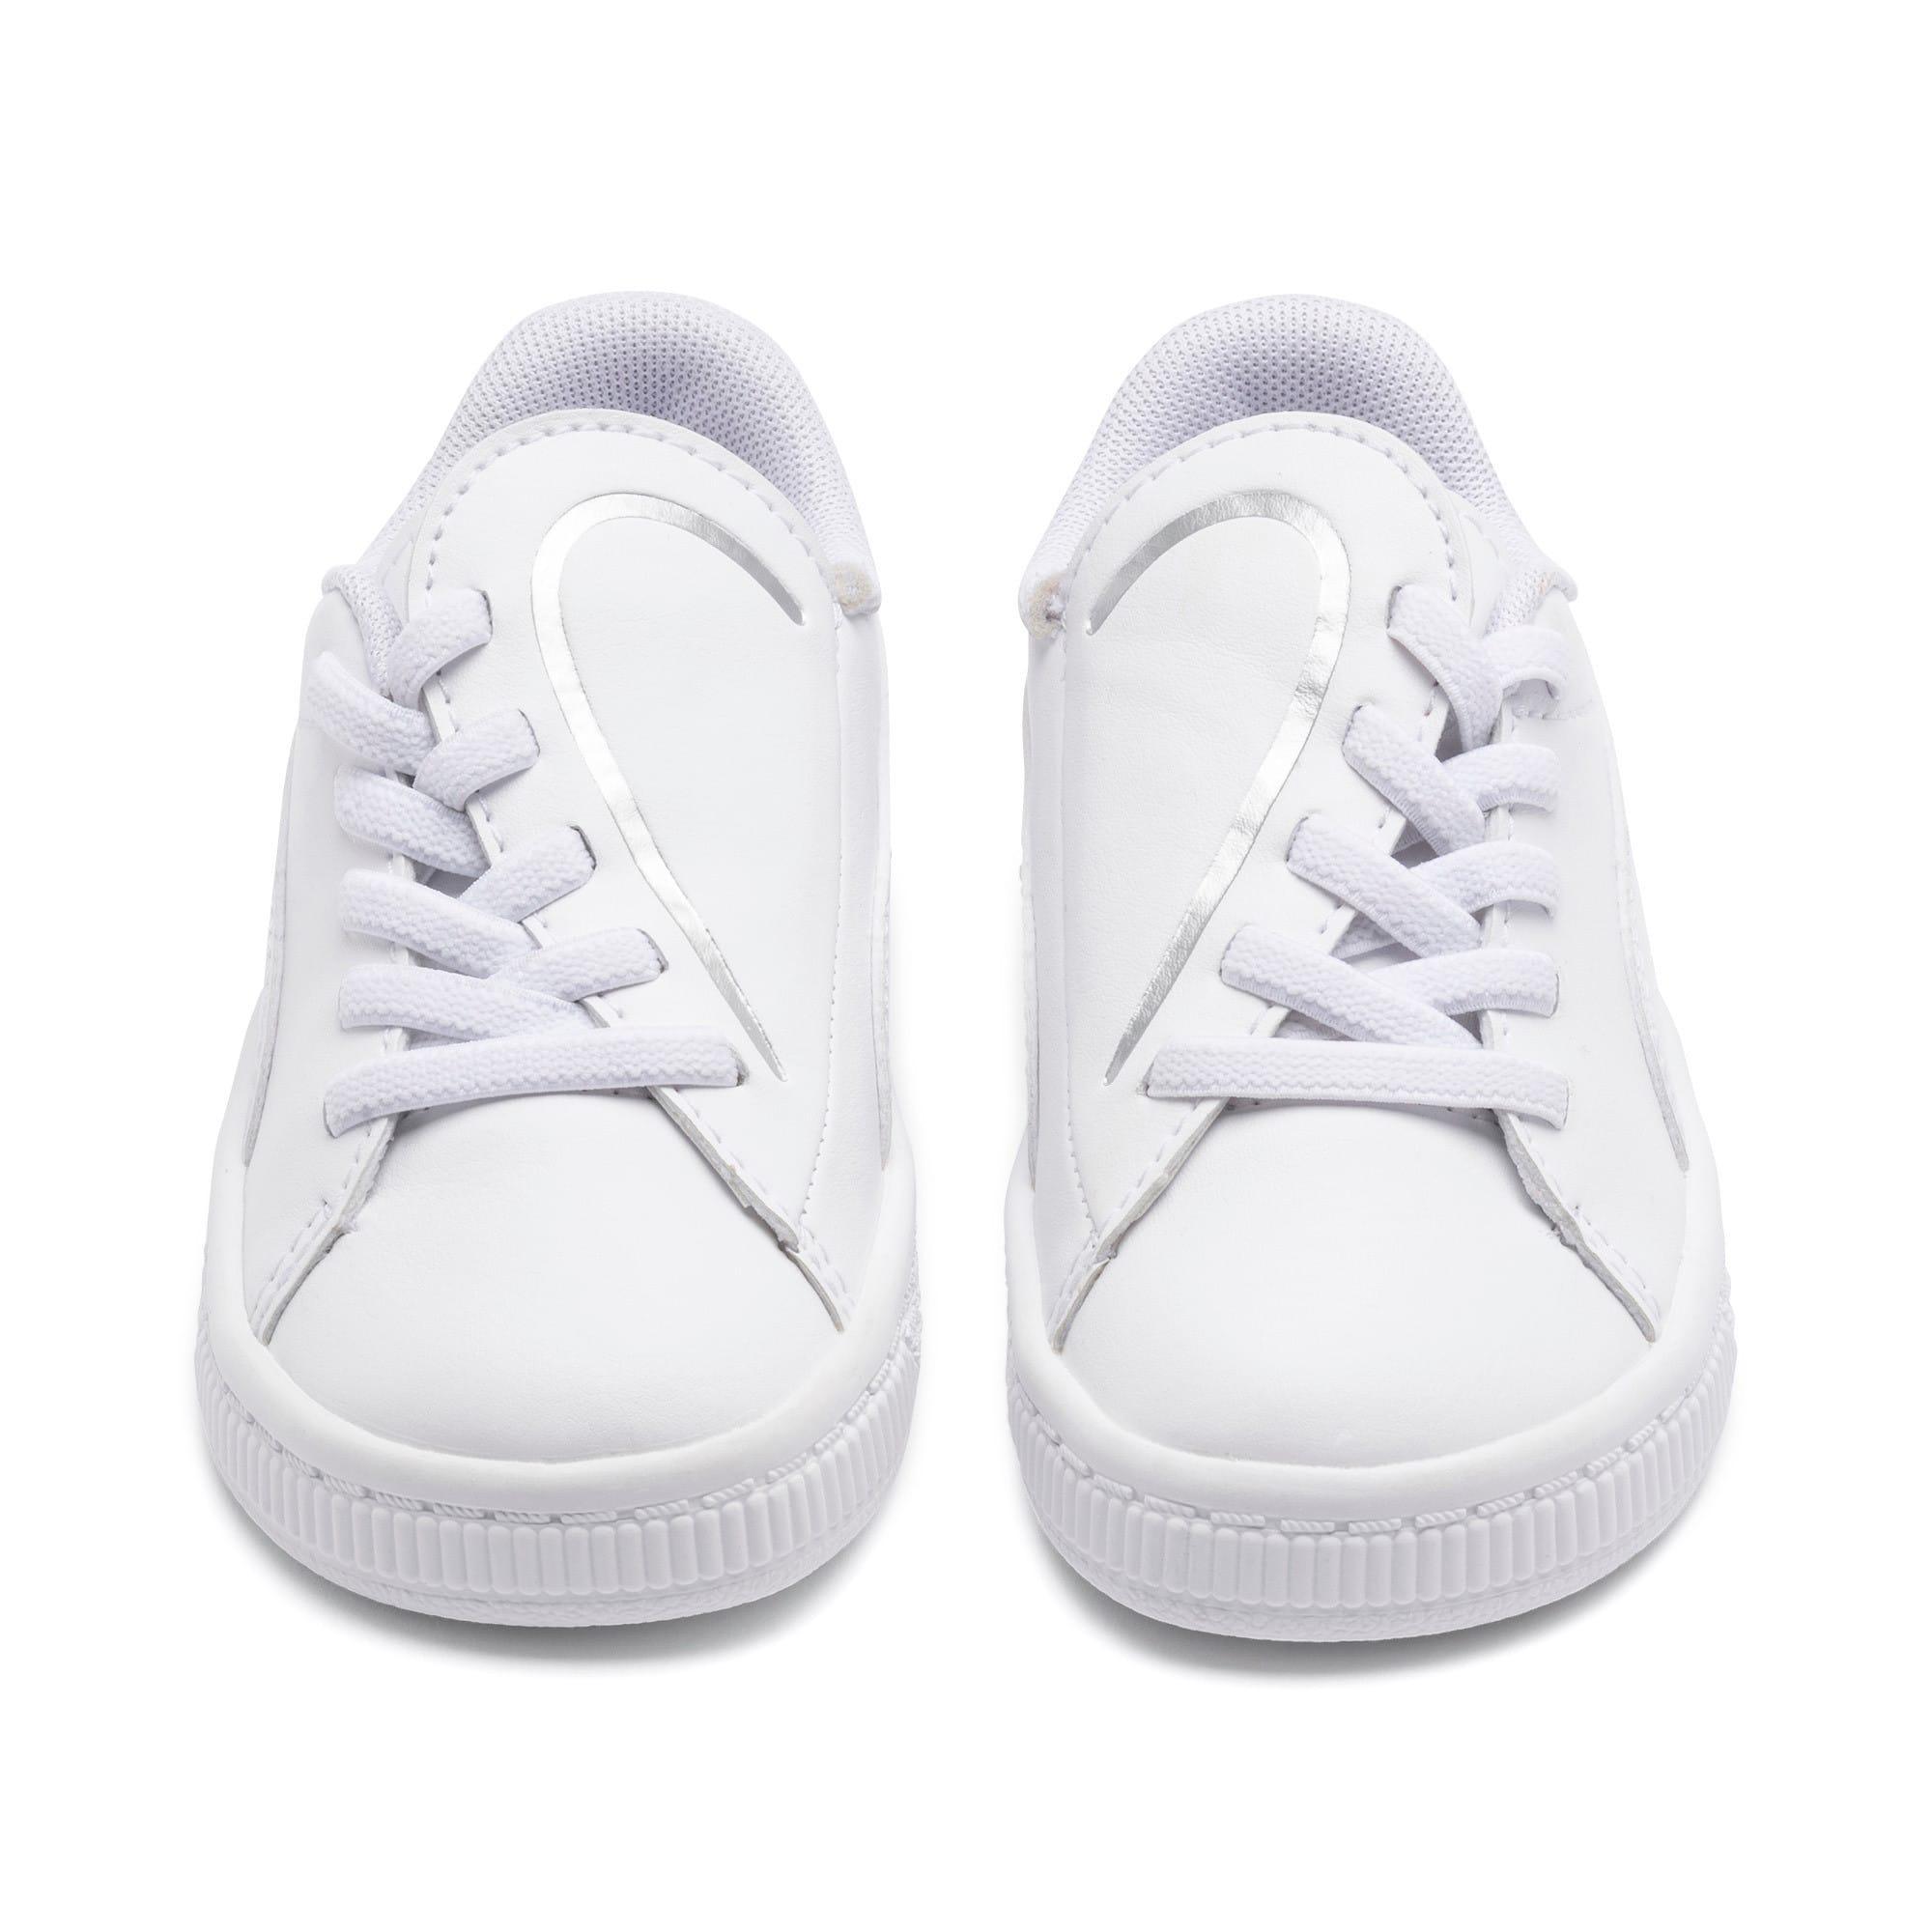 Miniatura 7 de Zapatos Basket Crush AC para bebés, Puma White-Puma Silver, mediano